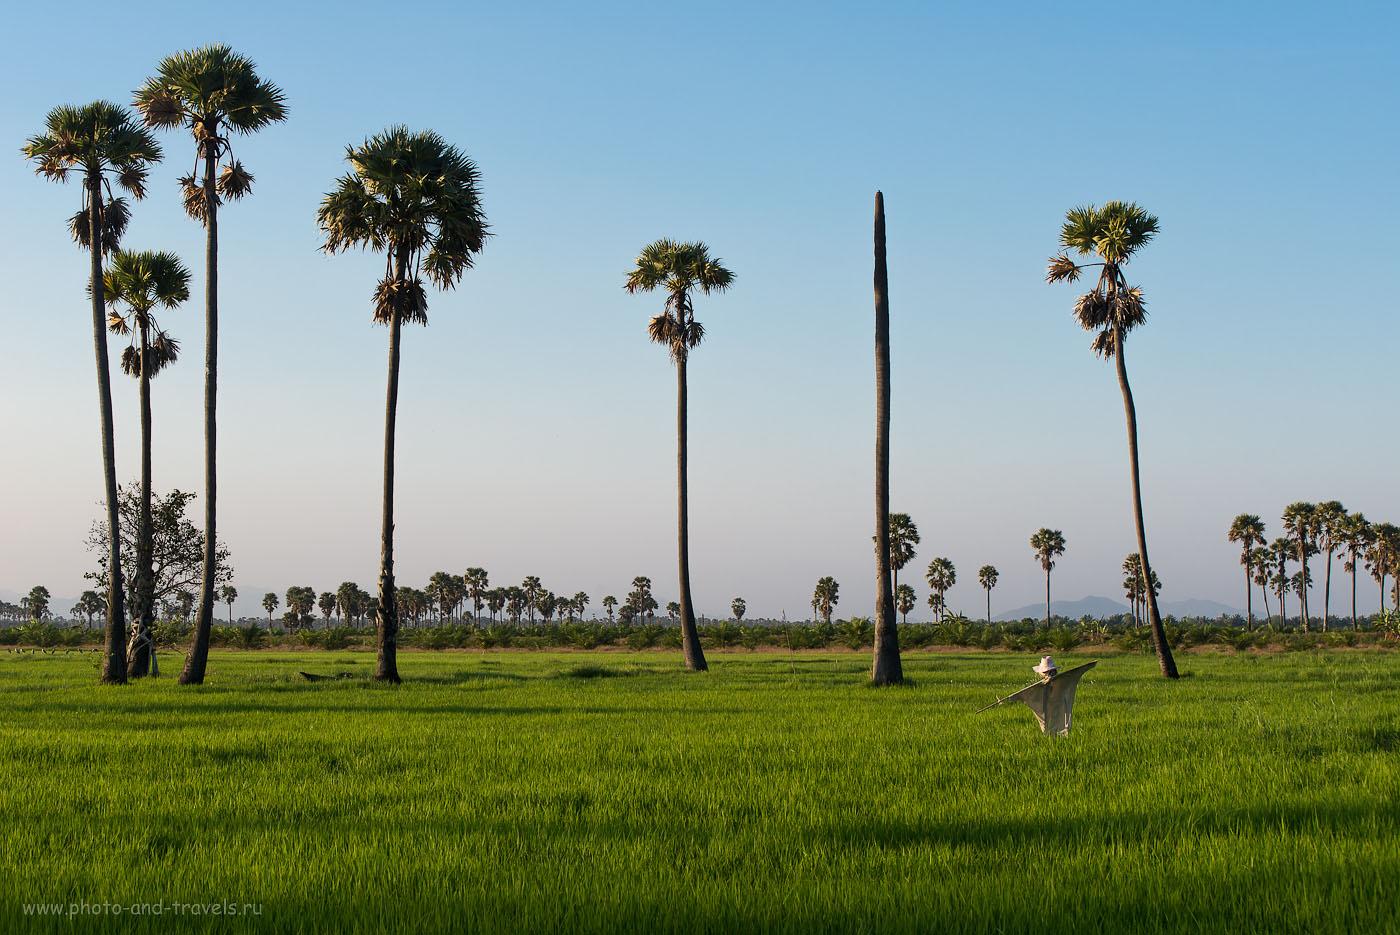 Фото 1. Пугало в Таиланде. Окрестности города Хуахин. Отчет о самостоятельной поездке (камераNikonD610, объективNikkor70-300, светочувствительность 200, фокусное расстояние 70 мм, диафрагмаf/10.0, выдержка 1/160 секунды)